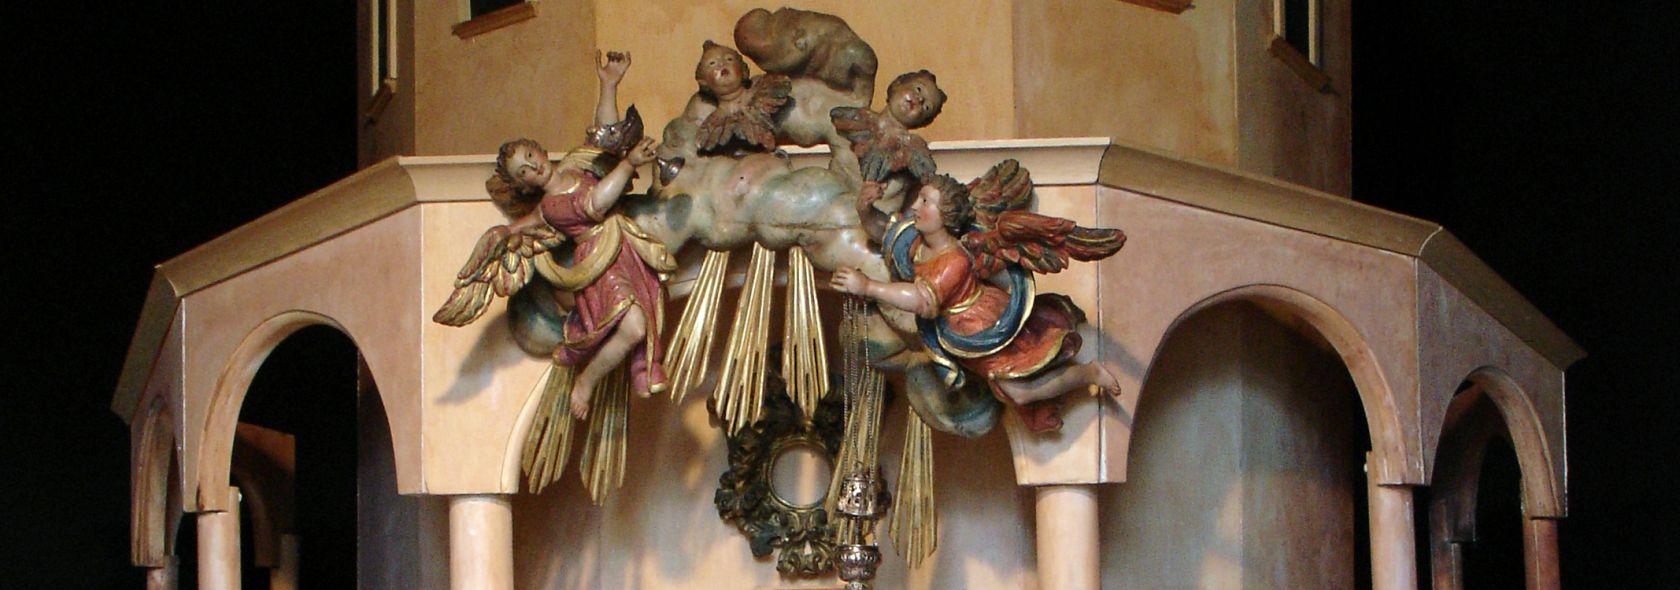 Presepe, presentazione al tempio - DOCSAI - ©Archivio fotografico Genova